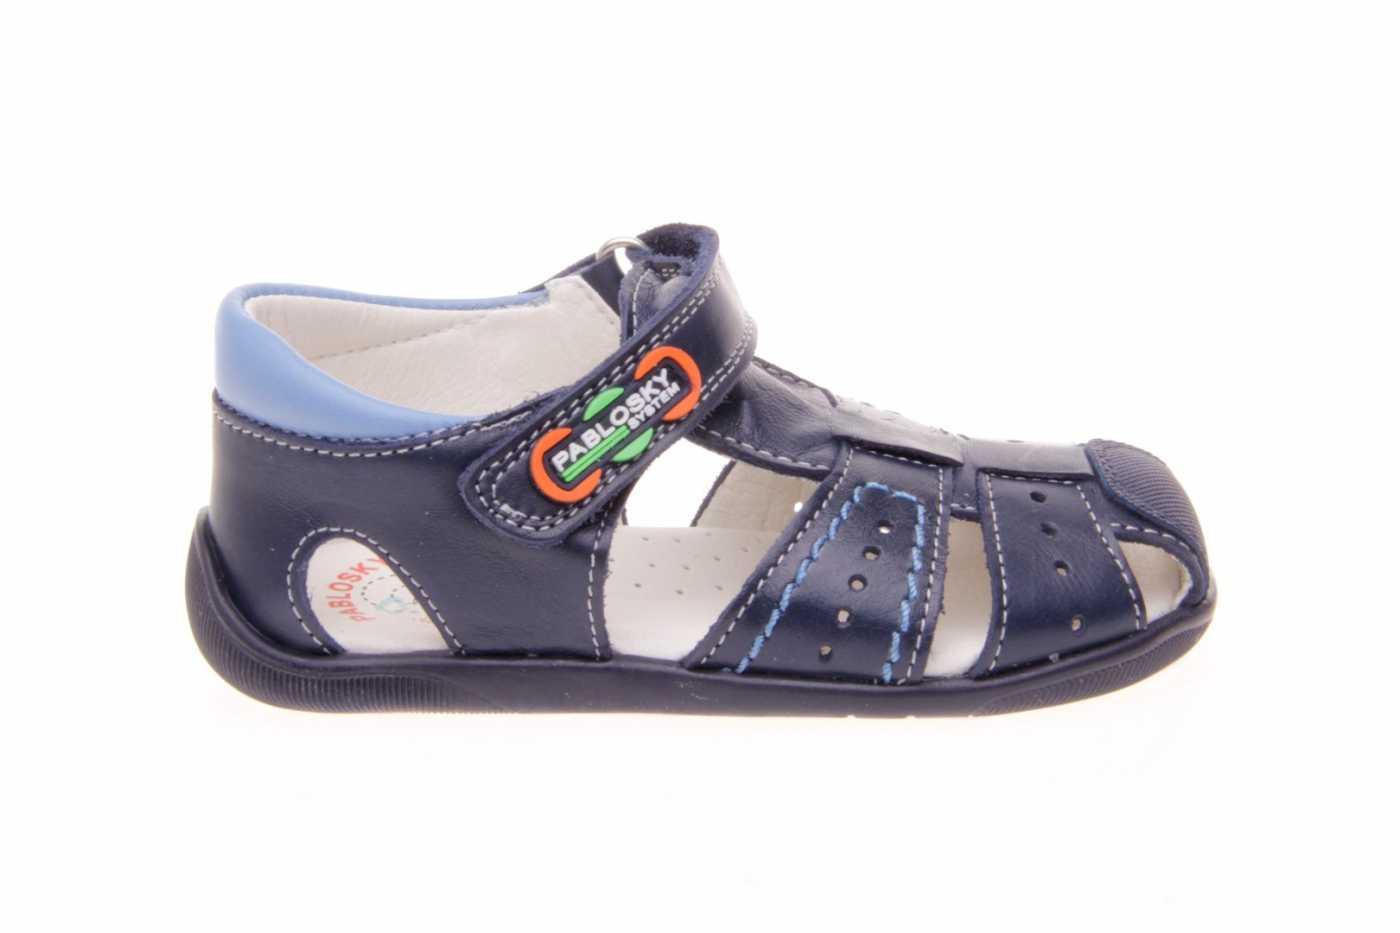 a2abadcdbe Comprar zapato tipo PREANDANTE NIÑO estilo SANDALIA COLOR AZUL ...